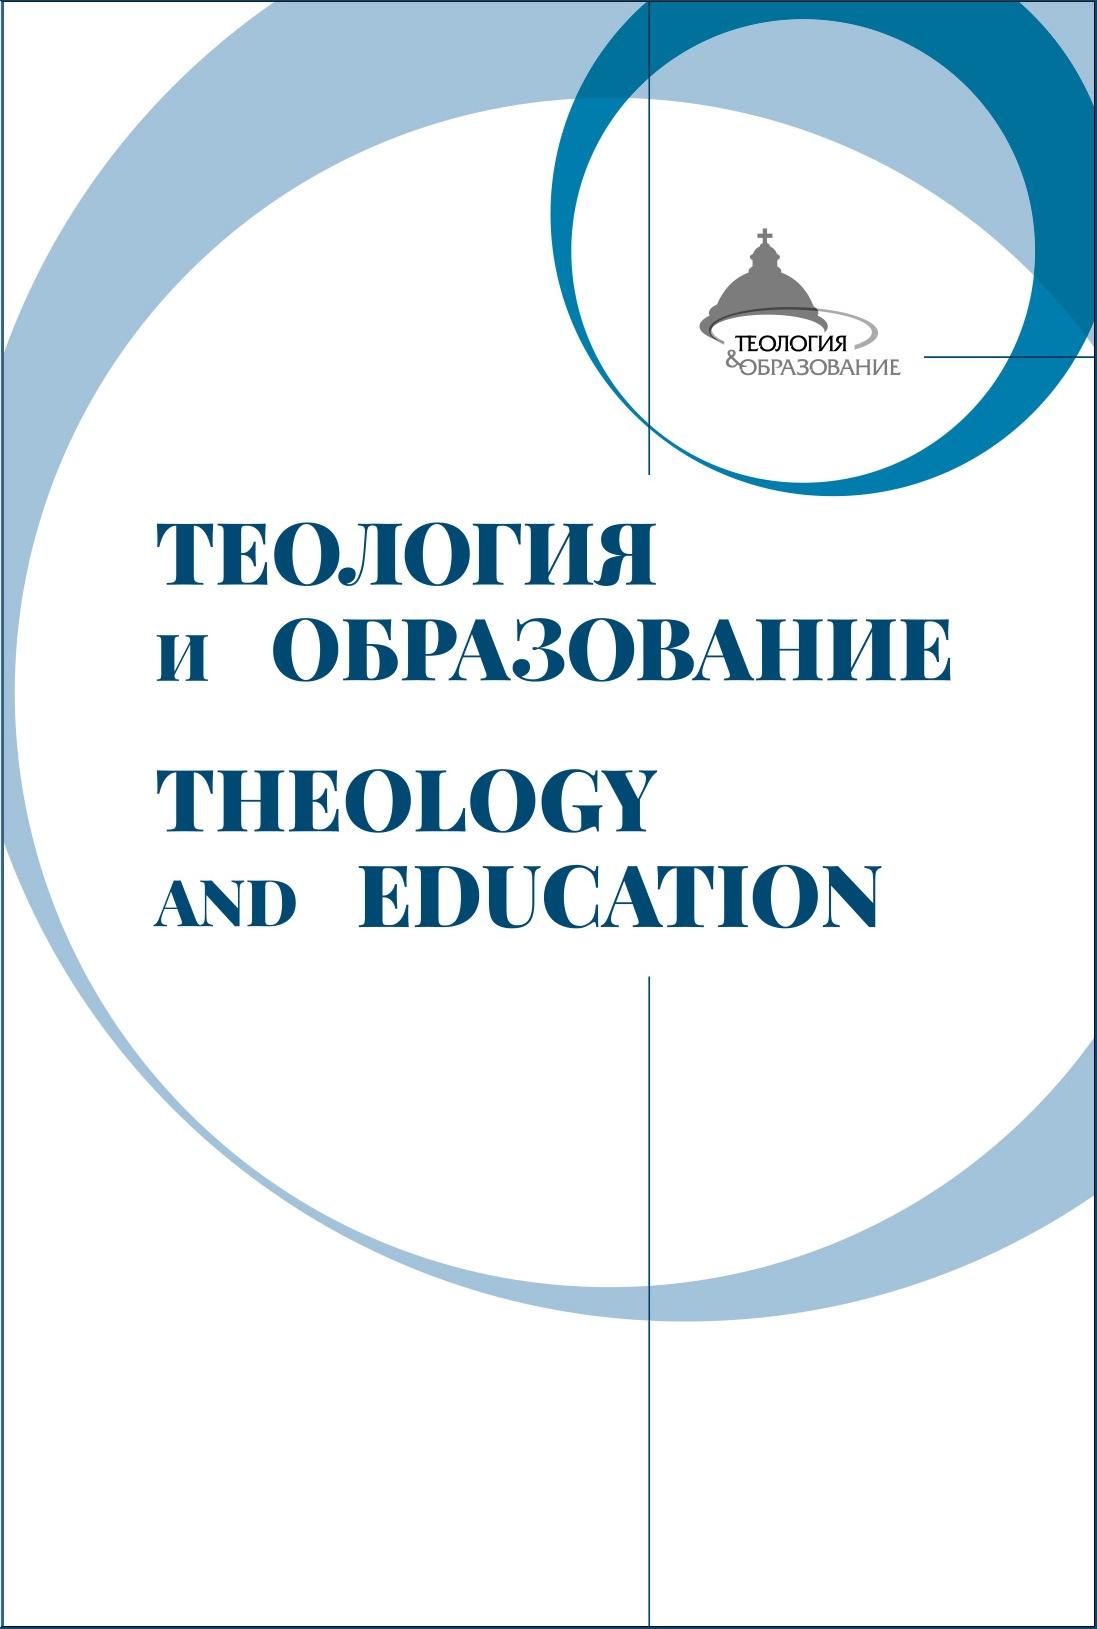 Теология и образование. Издательство РХГА